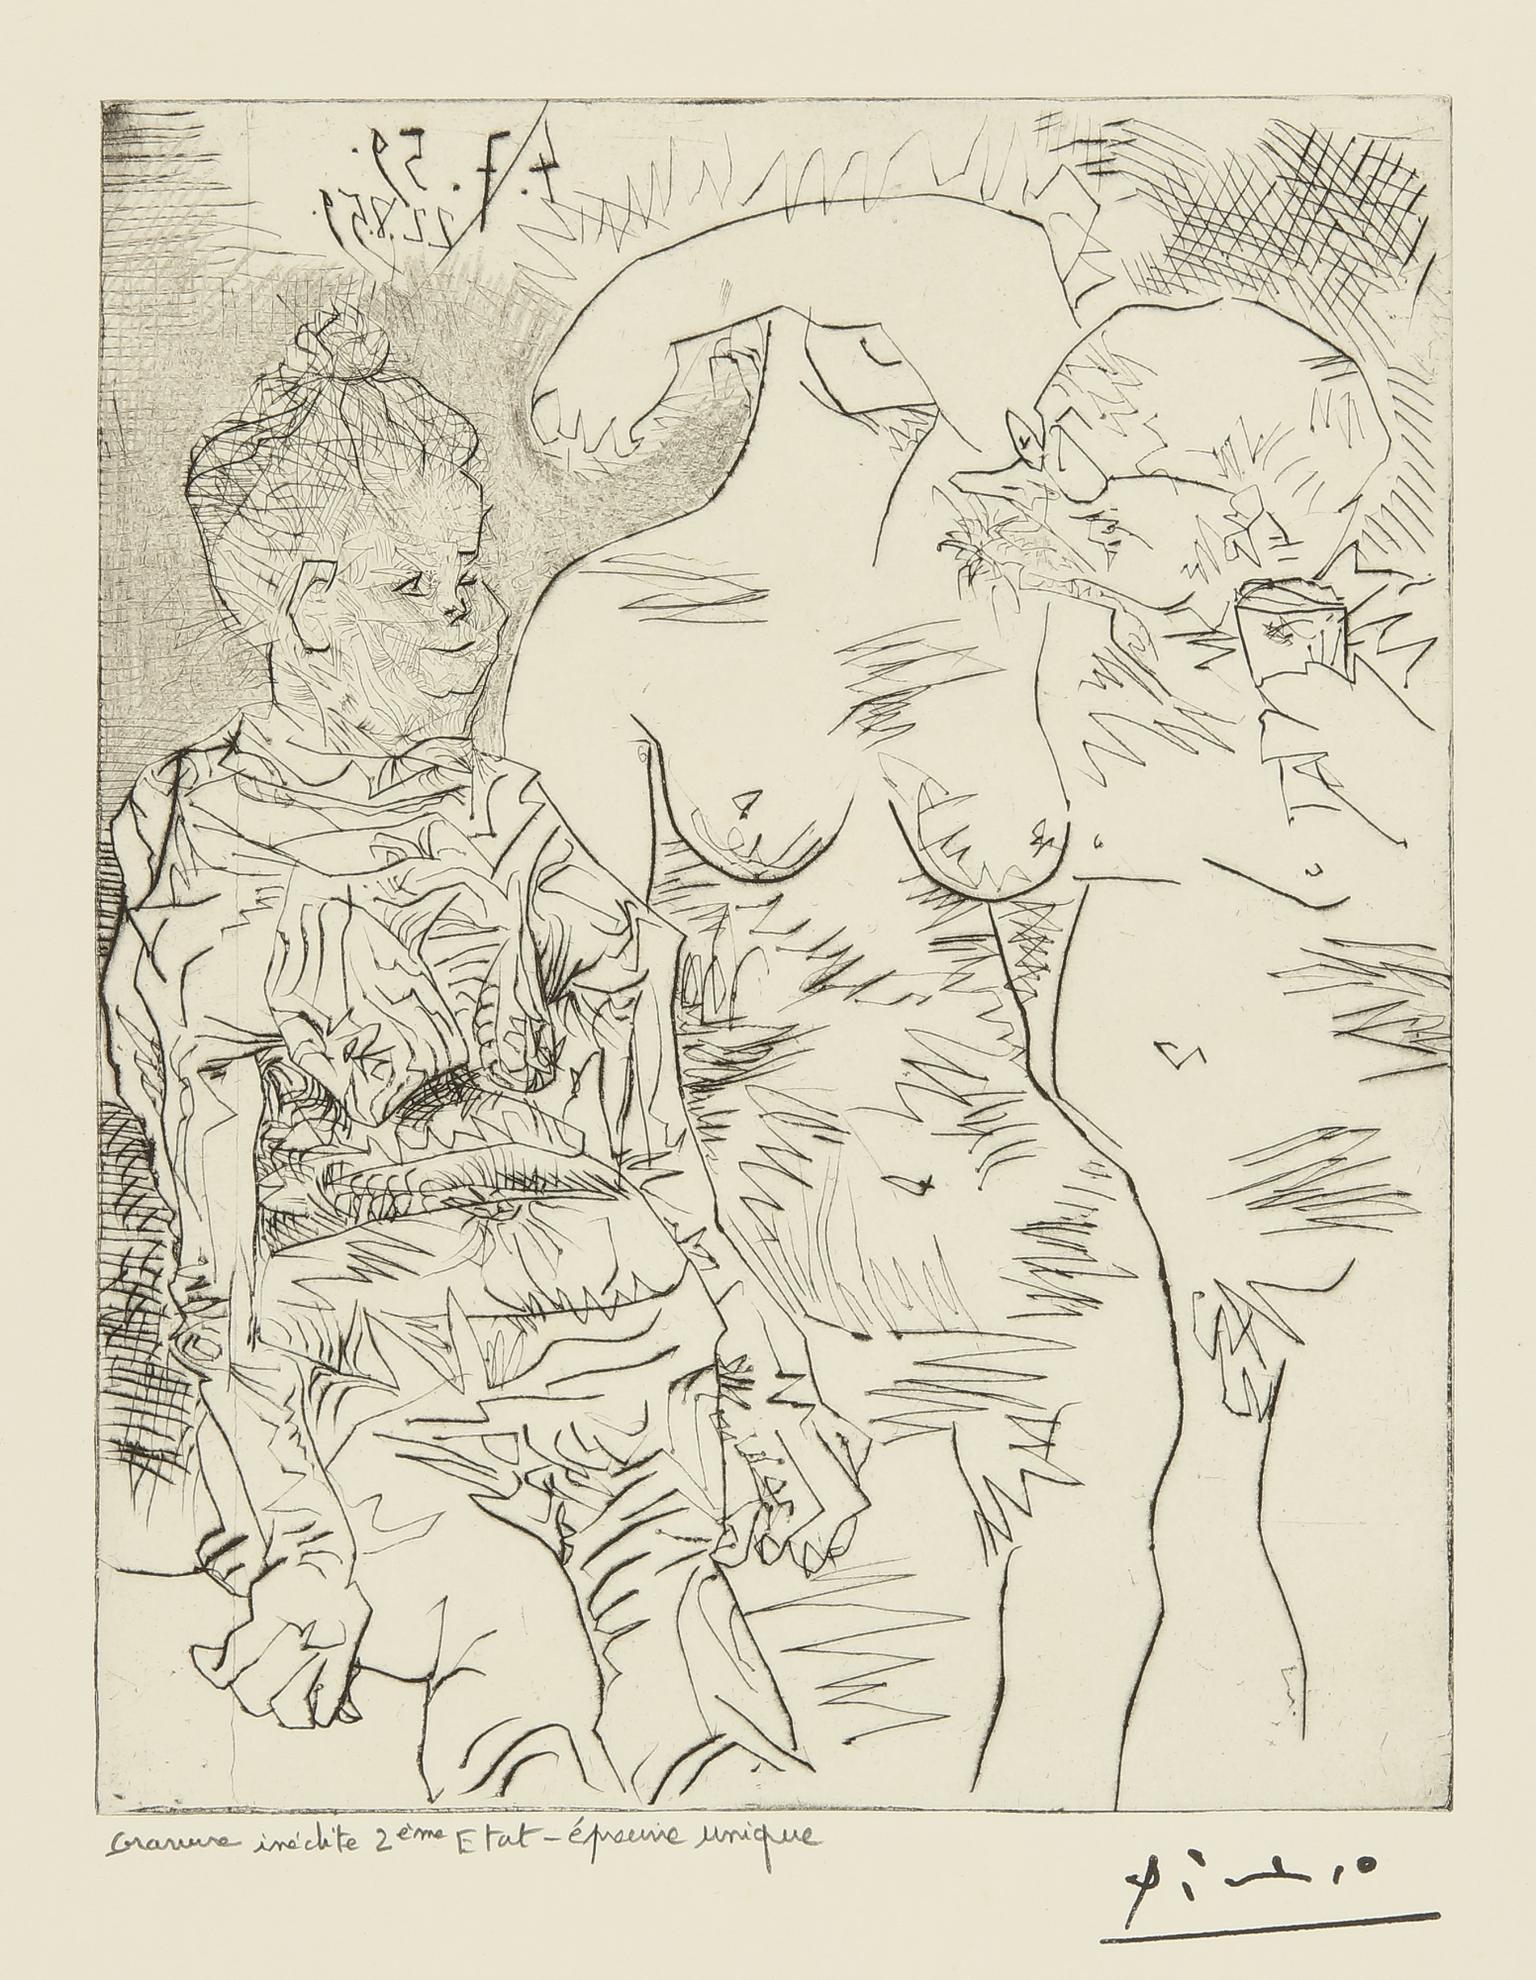 Pablo Picasso-Sabartes Avec Deux Femmes: Eight States (Ba. 1060)-1960